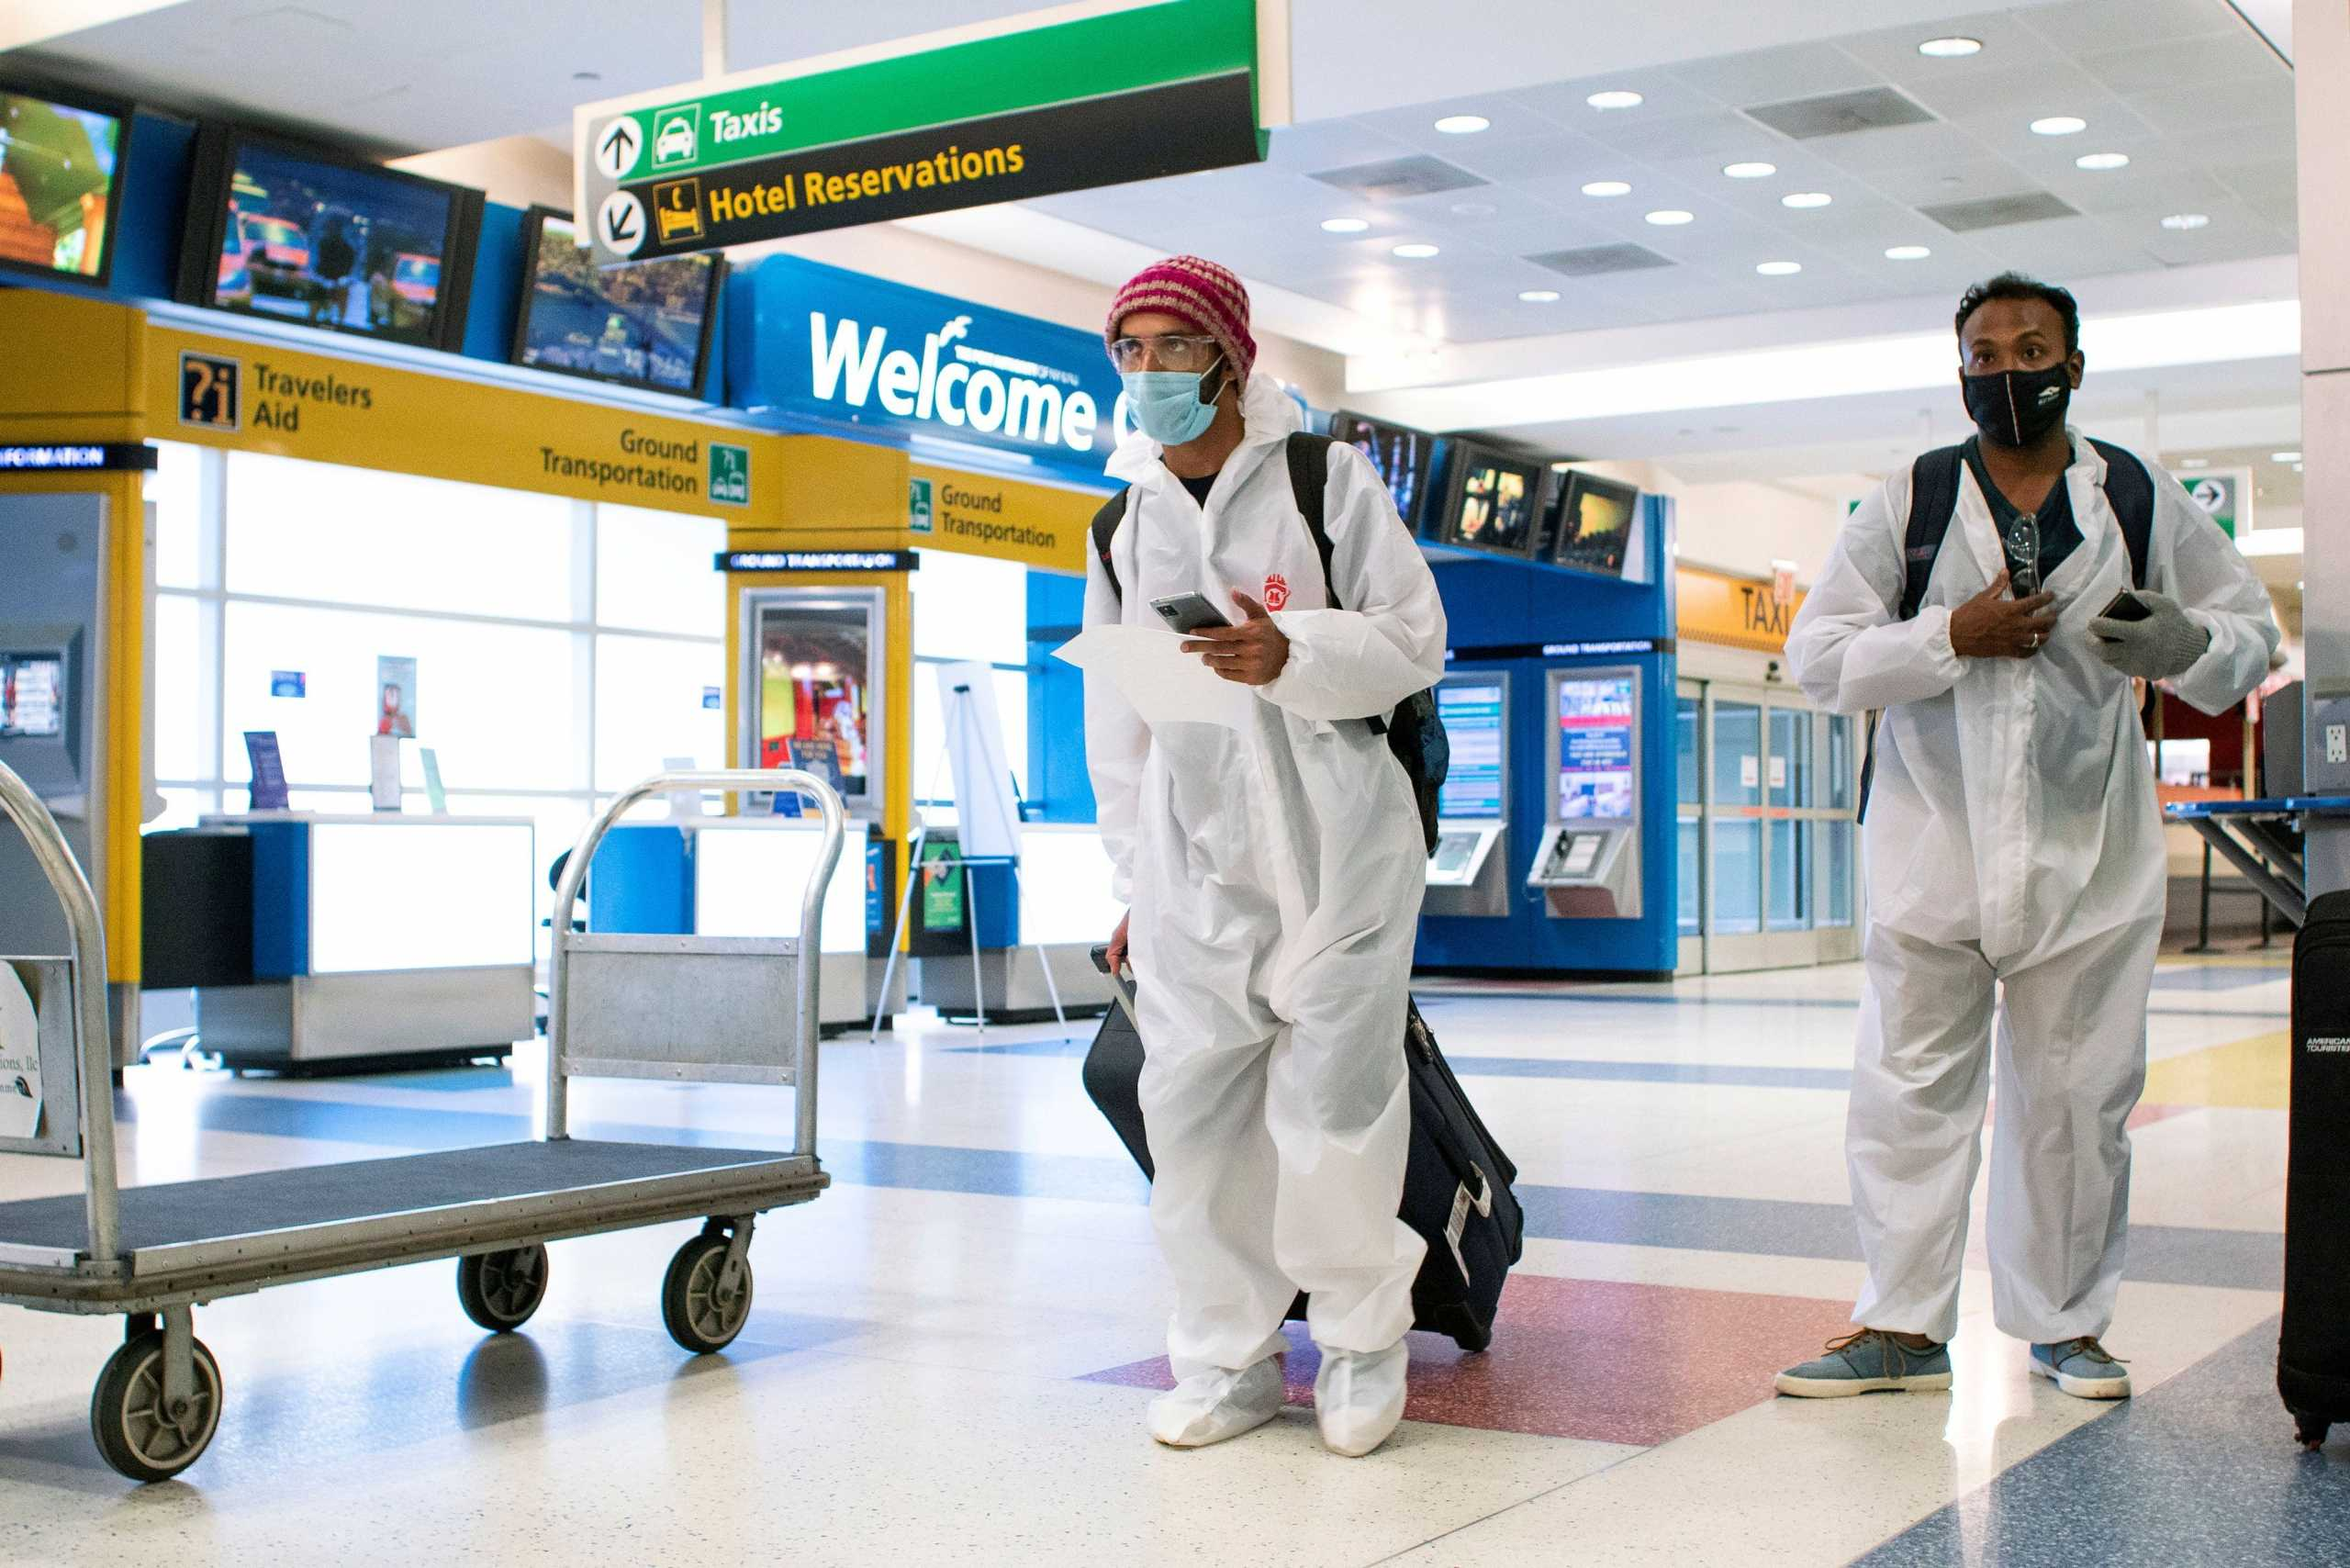 ΗΠΑ: Μόνο με αρνητικό τεστ κορονοϊού η είσοδος στη χώρααπό 26 Ιανουαρίου